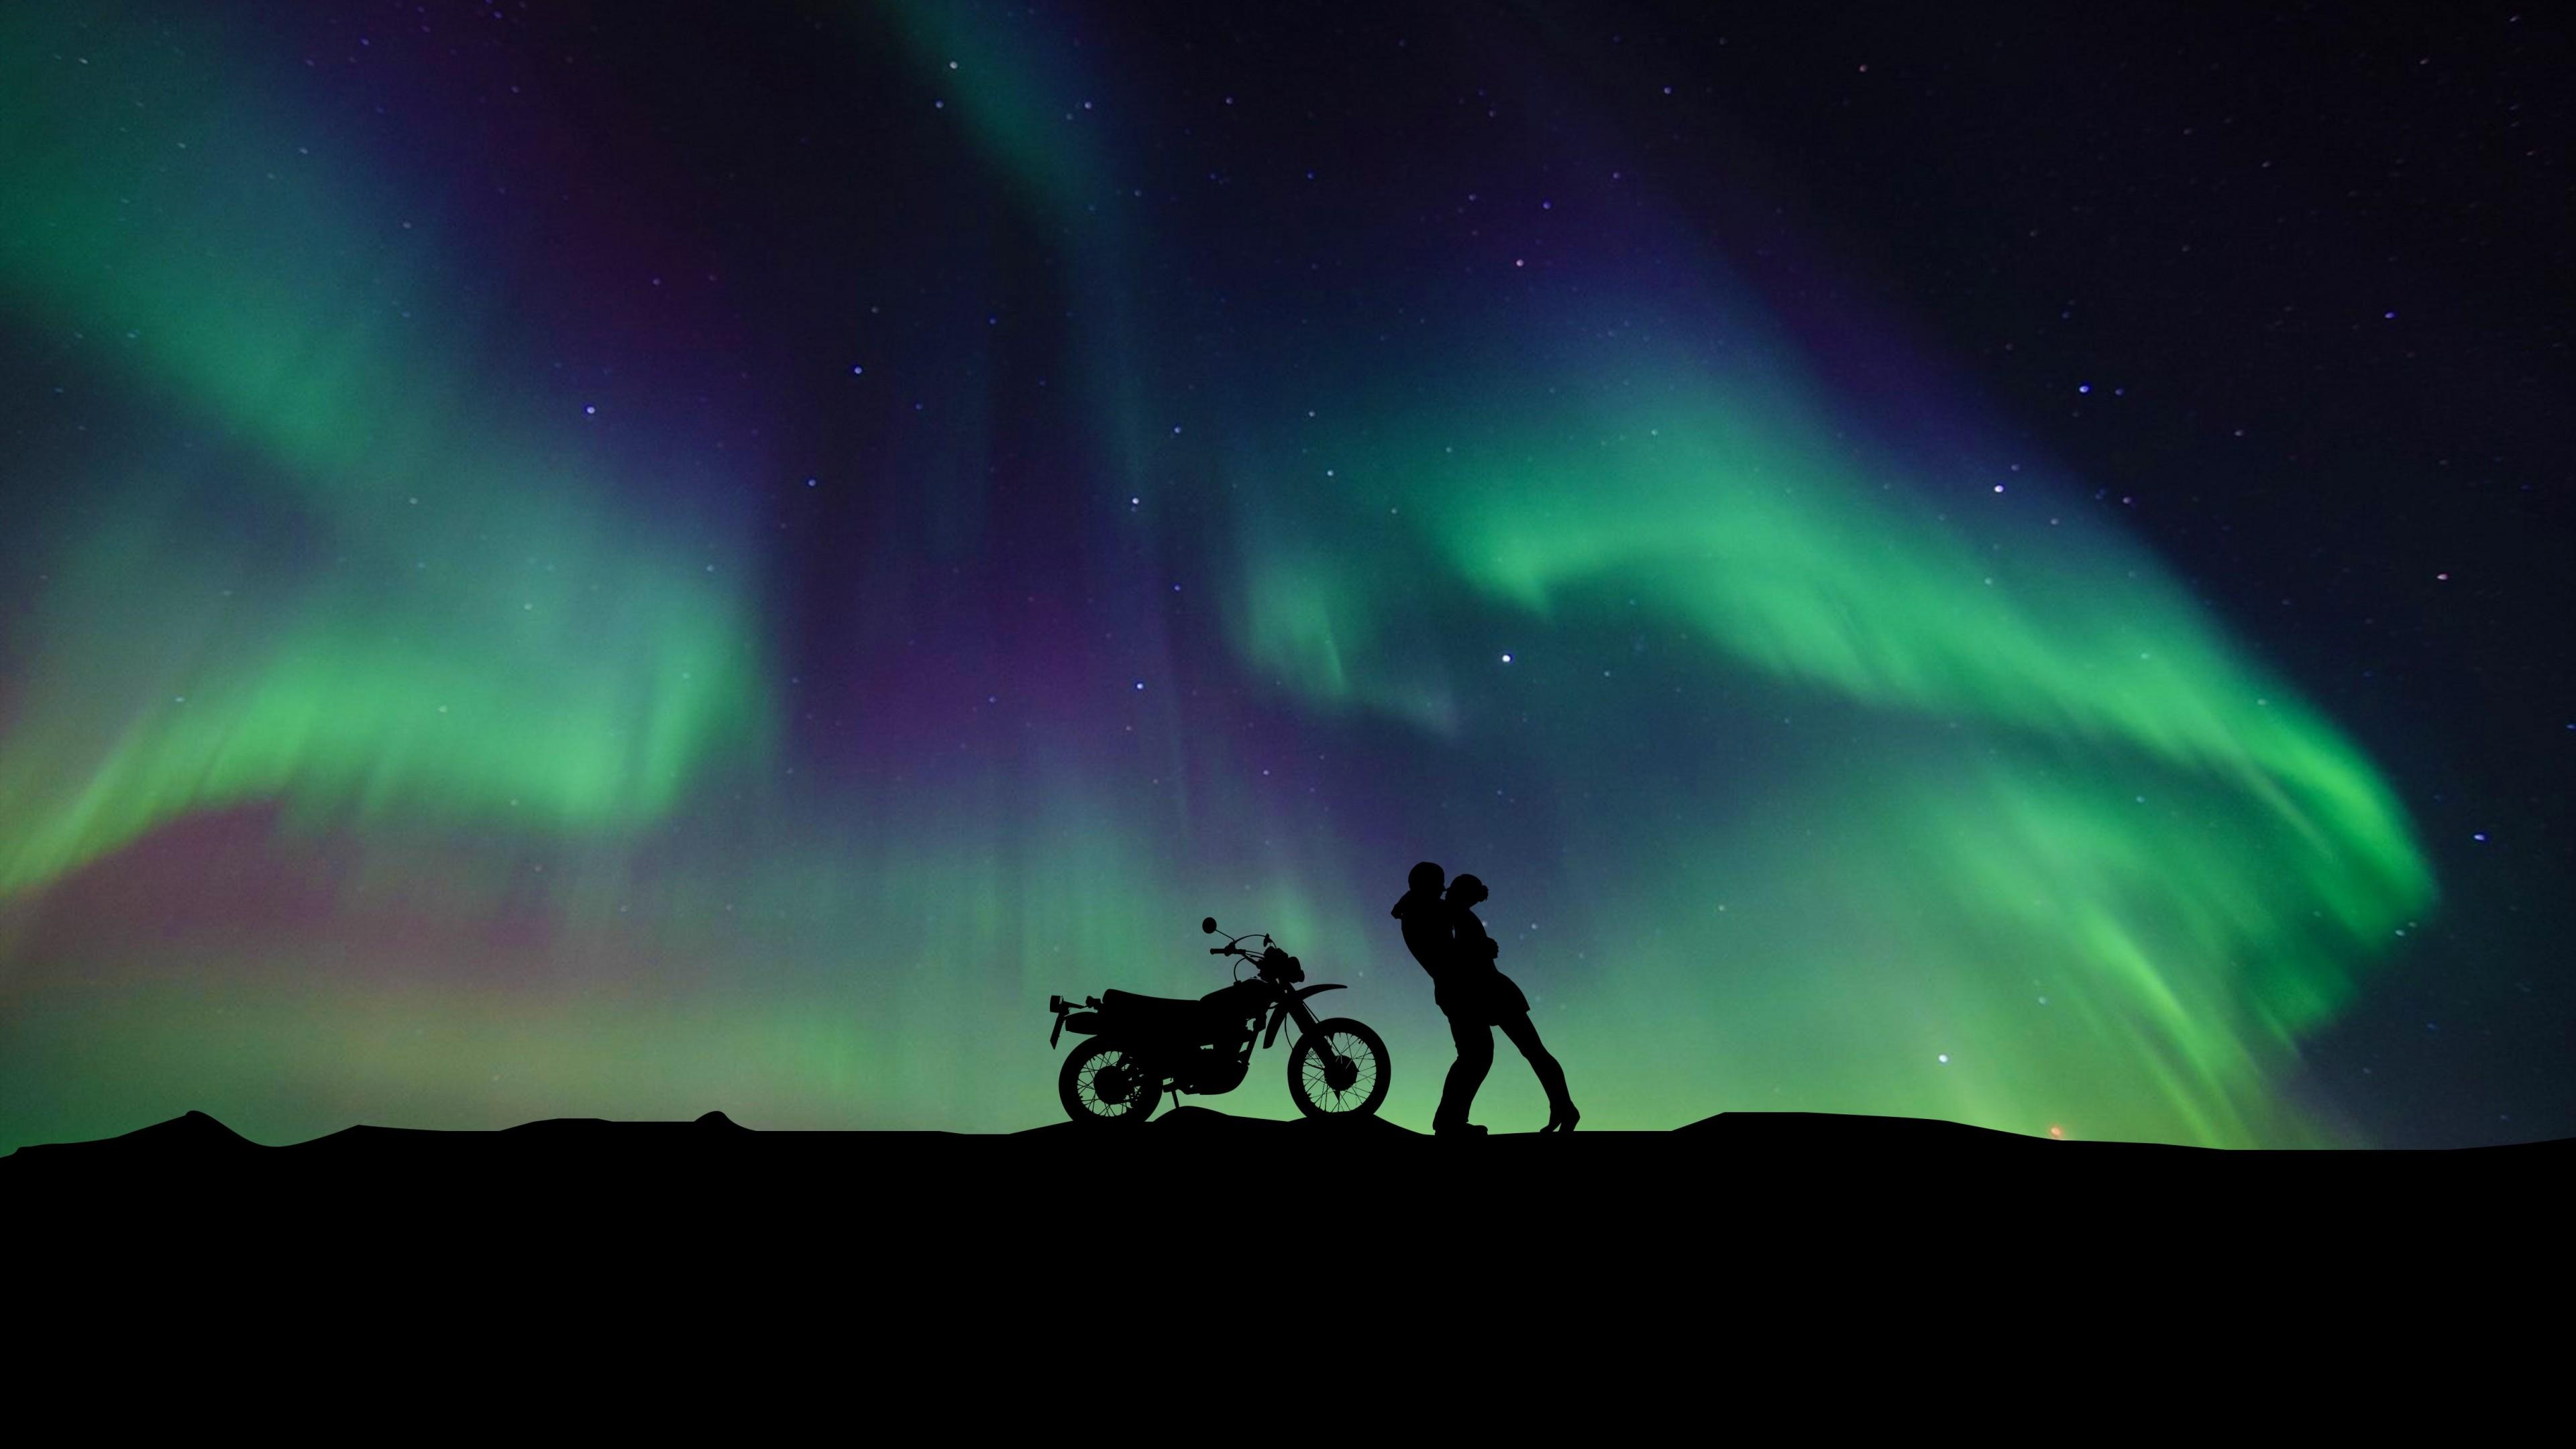 Полярное сияние в фиолетово-зеленых оттенках звездного небосвода